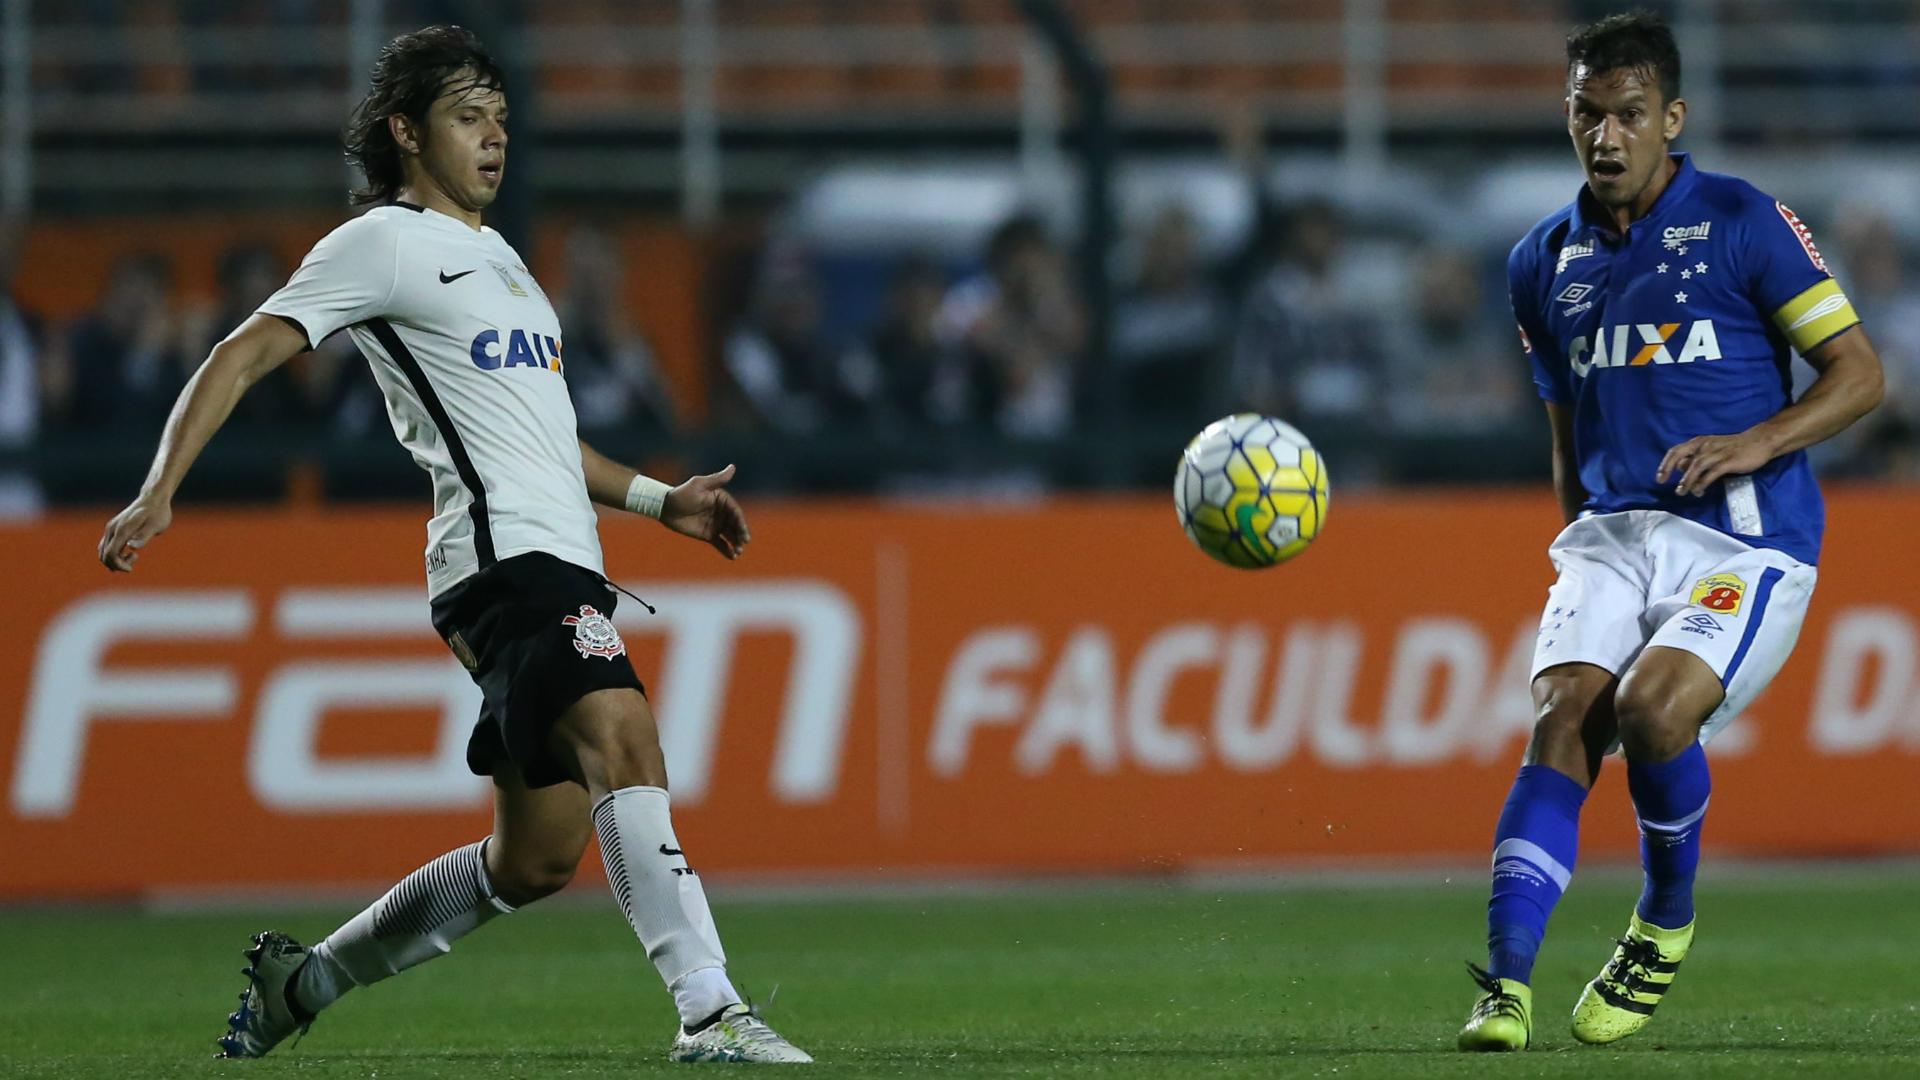 Henrique Corinthians Cruzeiro Campeonato Brasileiro 08082016